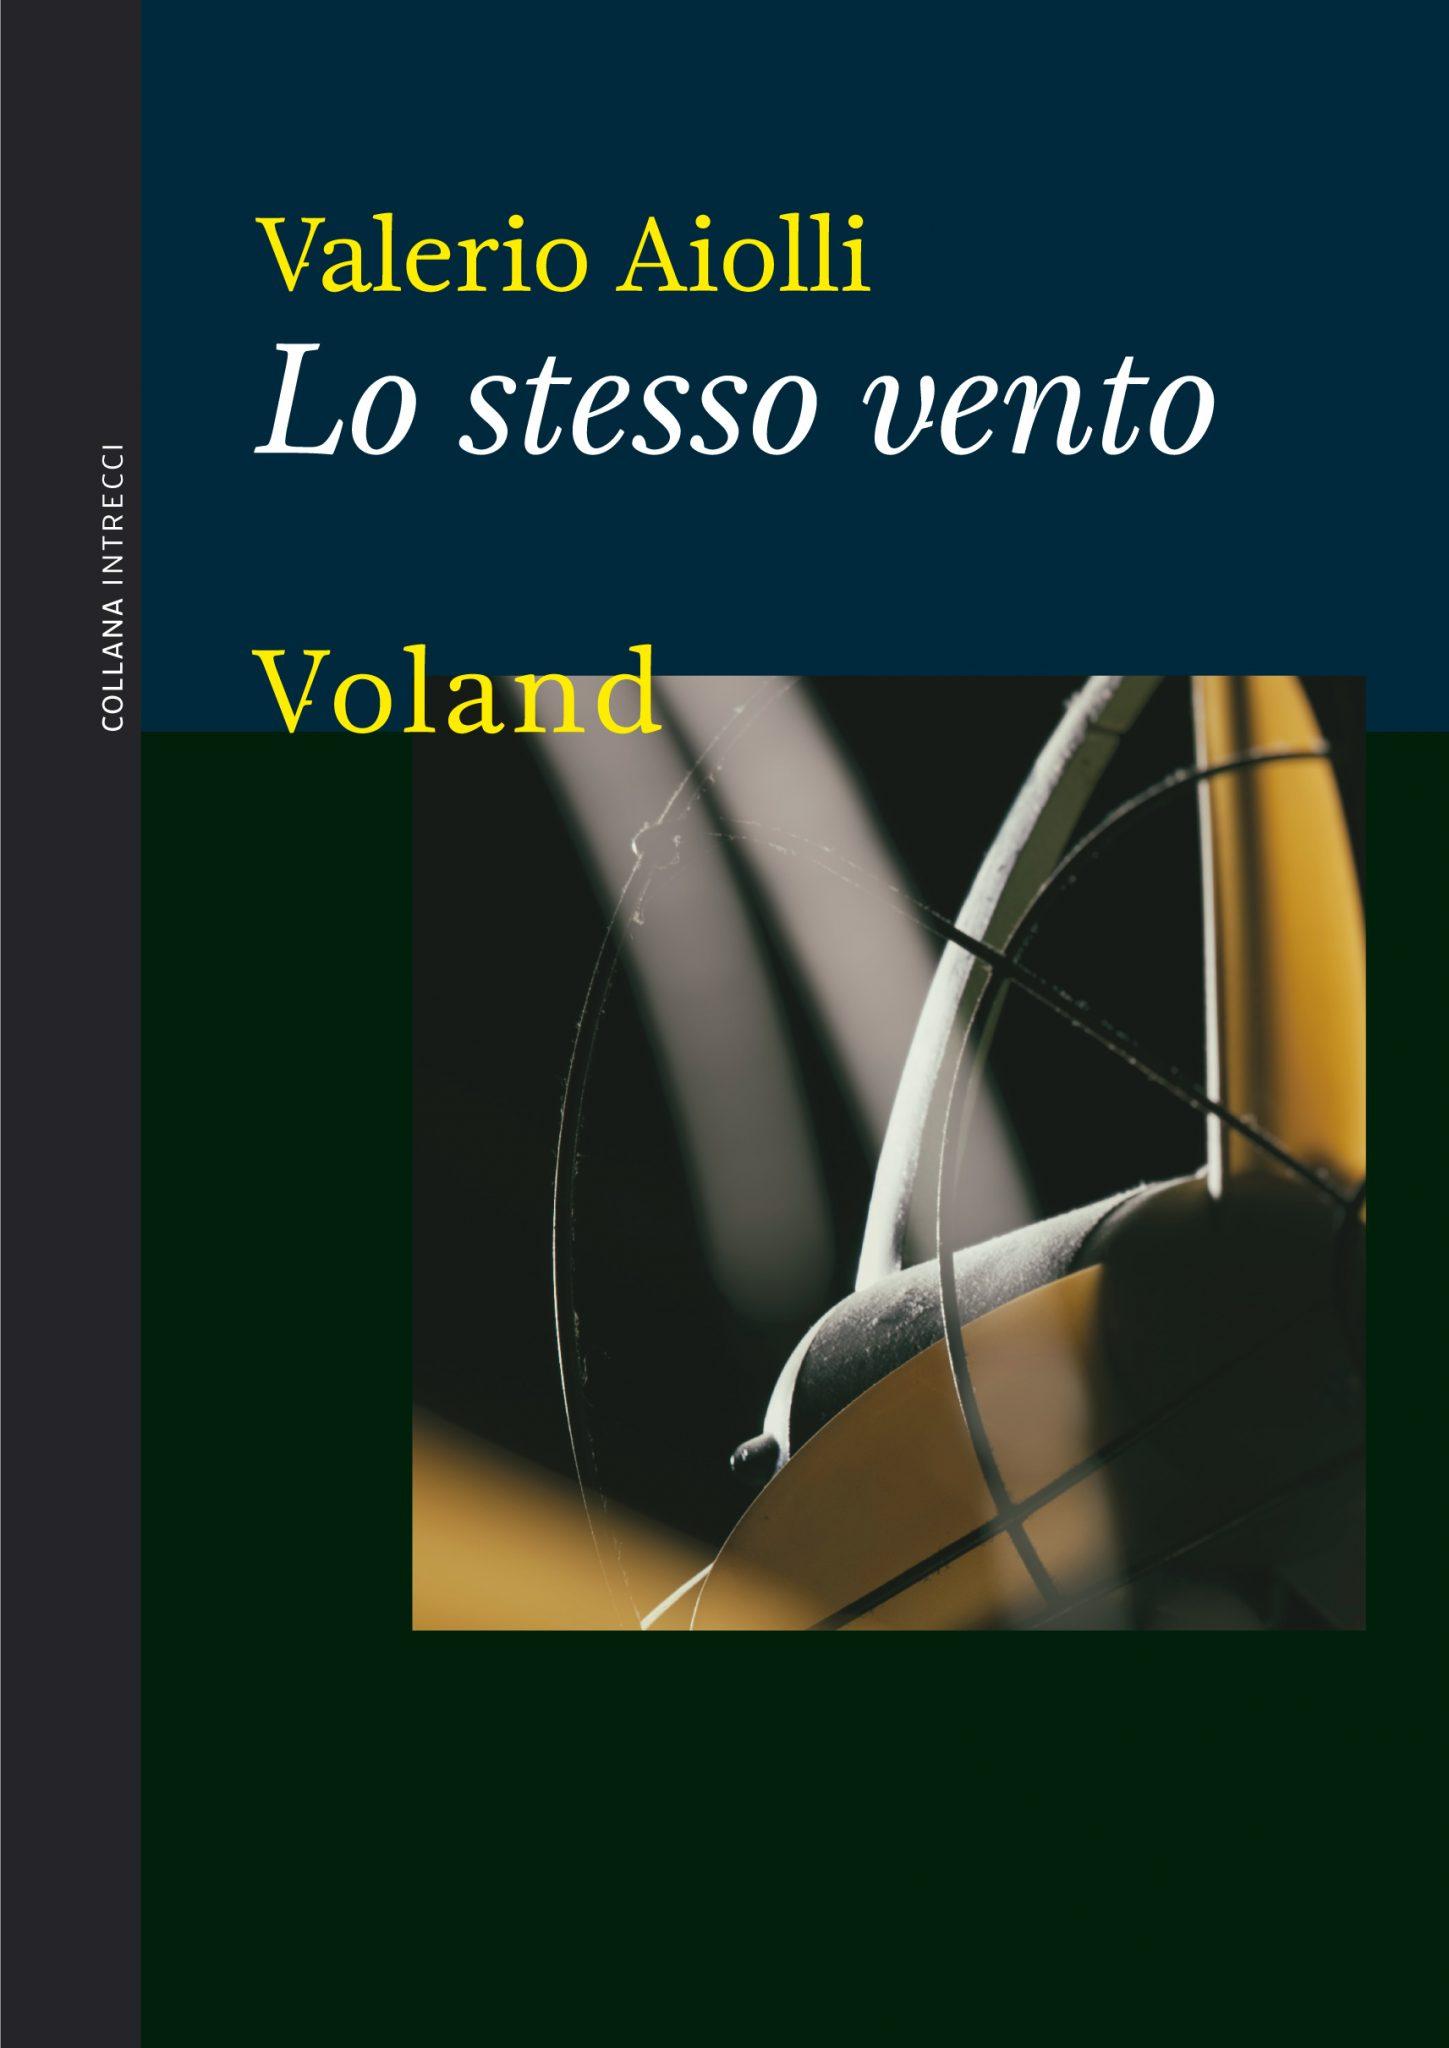 Lo stesso vento – Valerio Aiolli